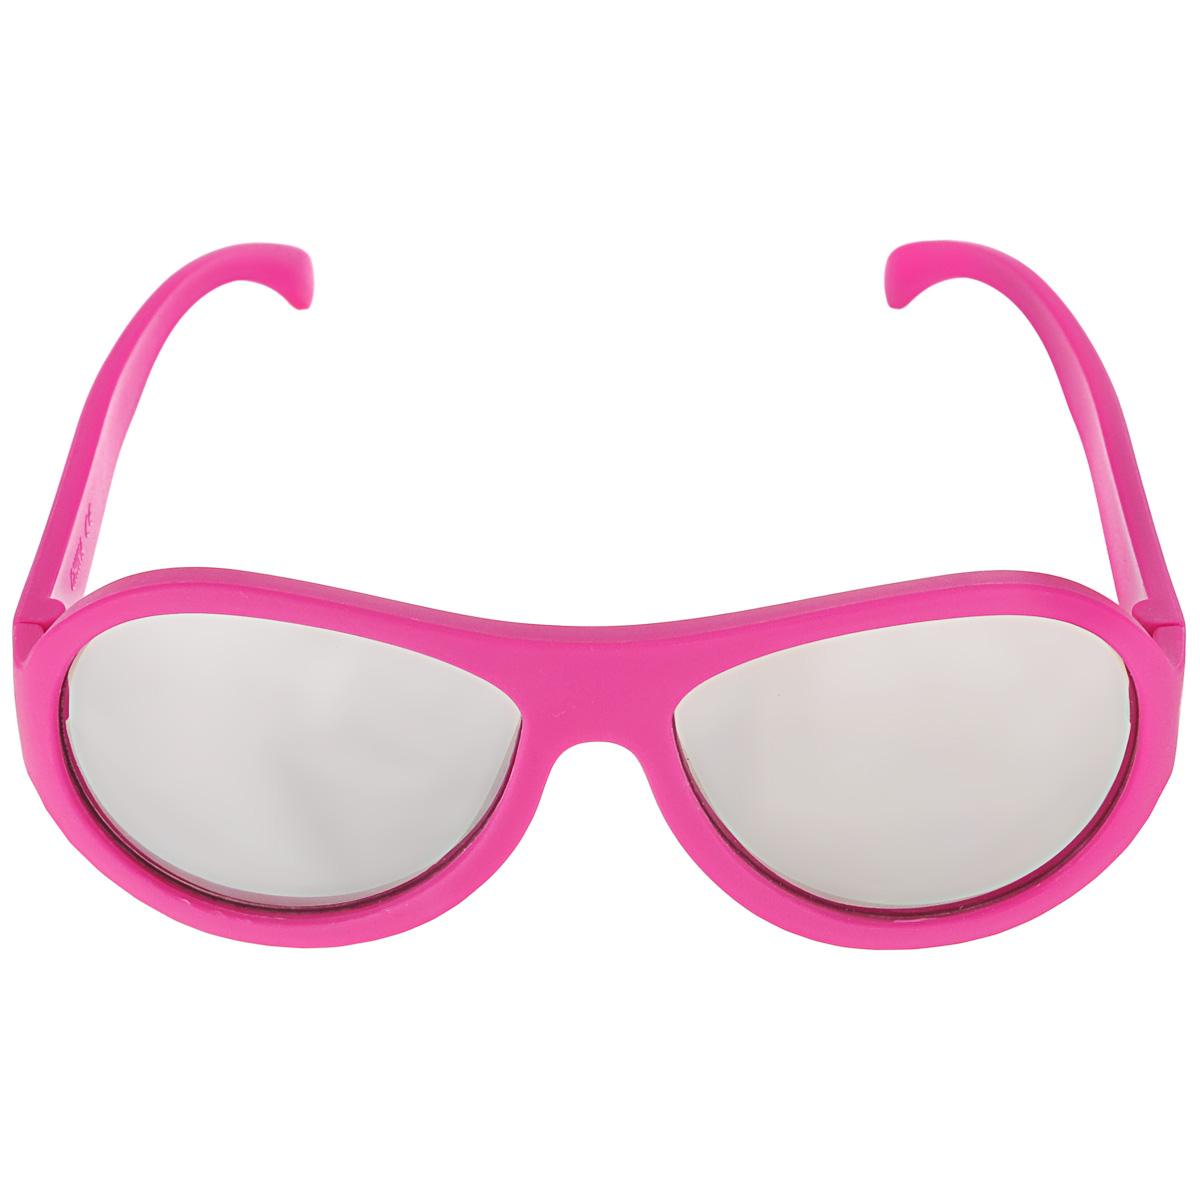 Детские солнцезащитные очки Babiators Поп-звезда (Popstar), зеркальные линзы, цвет: розовый, 7-14 летACE-005Вы делаете все возможное, чтобы ваши дети были здоровы и в безопасности. Шлемы для езды на велосипеде, солнцезащитный крем для прогулок на солнце... Но как насчет влияния солнца на глаза вашего ребенка? Правда в том, что сетчатка глаза у детей развивается вместе с самим ребенком. Это означает, что глаза малышей не могут отфильтровать УФ-излучение. Проблема понятна - детям нужна настоящая защита, чтобы глазки были в безопасности, а зрение сильным. Каждая пара солнцезащитных очков Babiators для детей обеспечивает 100% защиту от UVA и UVB. Прочные линзы высшего качества из поликарбоната с зеркальным покрытием не подведут в самых сложных переделках. В отличие от обычных пластиковых очков, оправа Babiators выполнена из гибкого прорезиненного материала (термопластичного эластомера), что делает их ударопрочными, их можно сгибать и крутить - они не сломаются и вернутся в прежнюю форму. Не бойтесь, что ребенок сядет на них - они все выдержат. ...